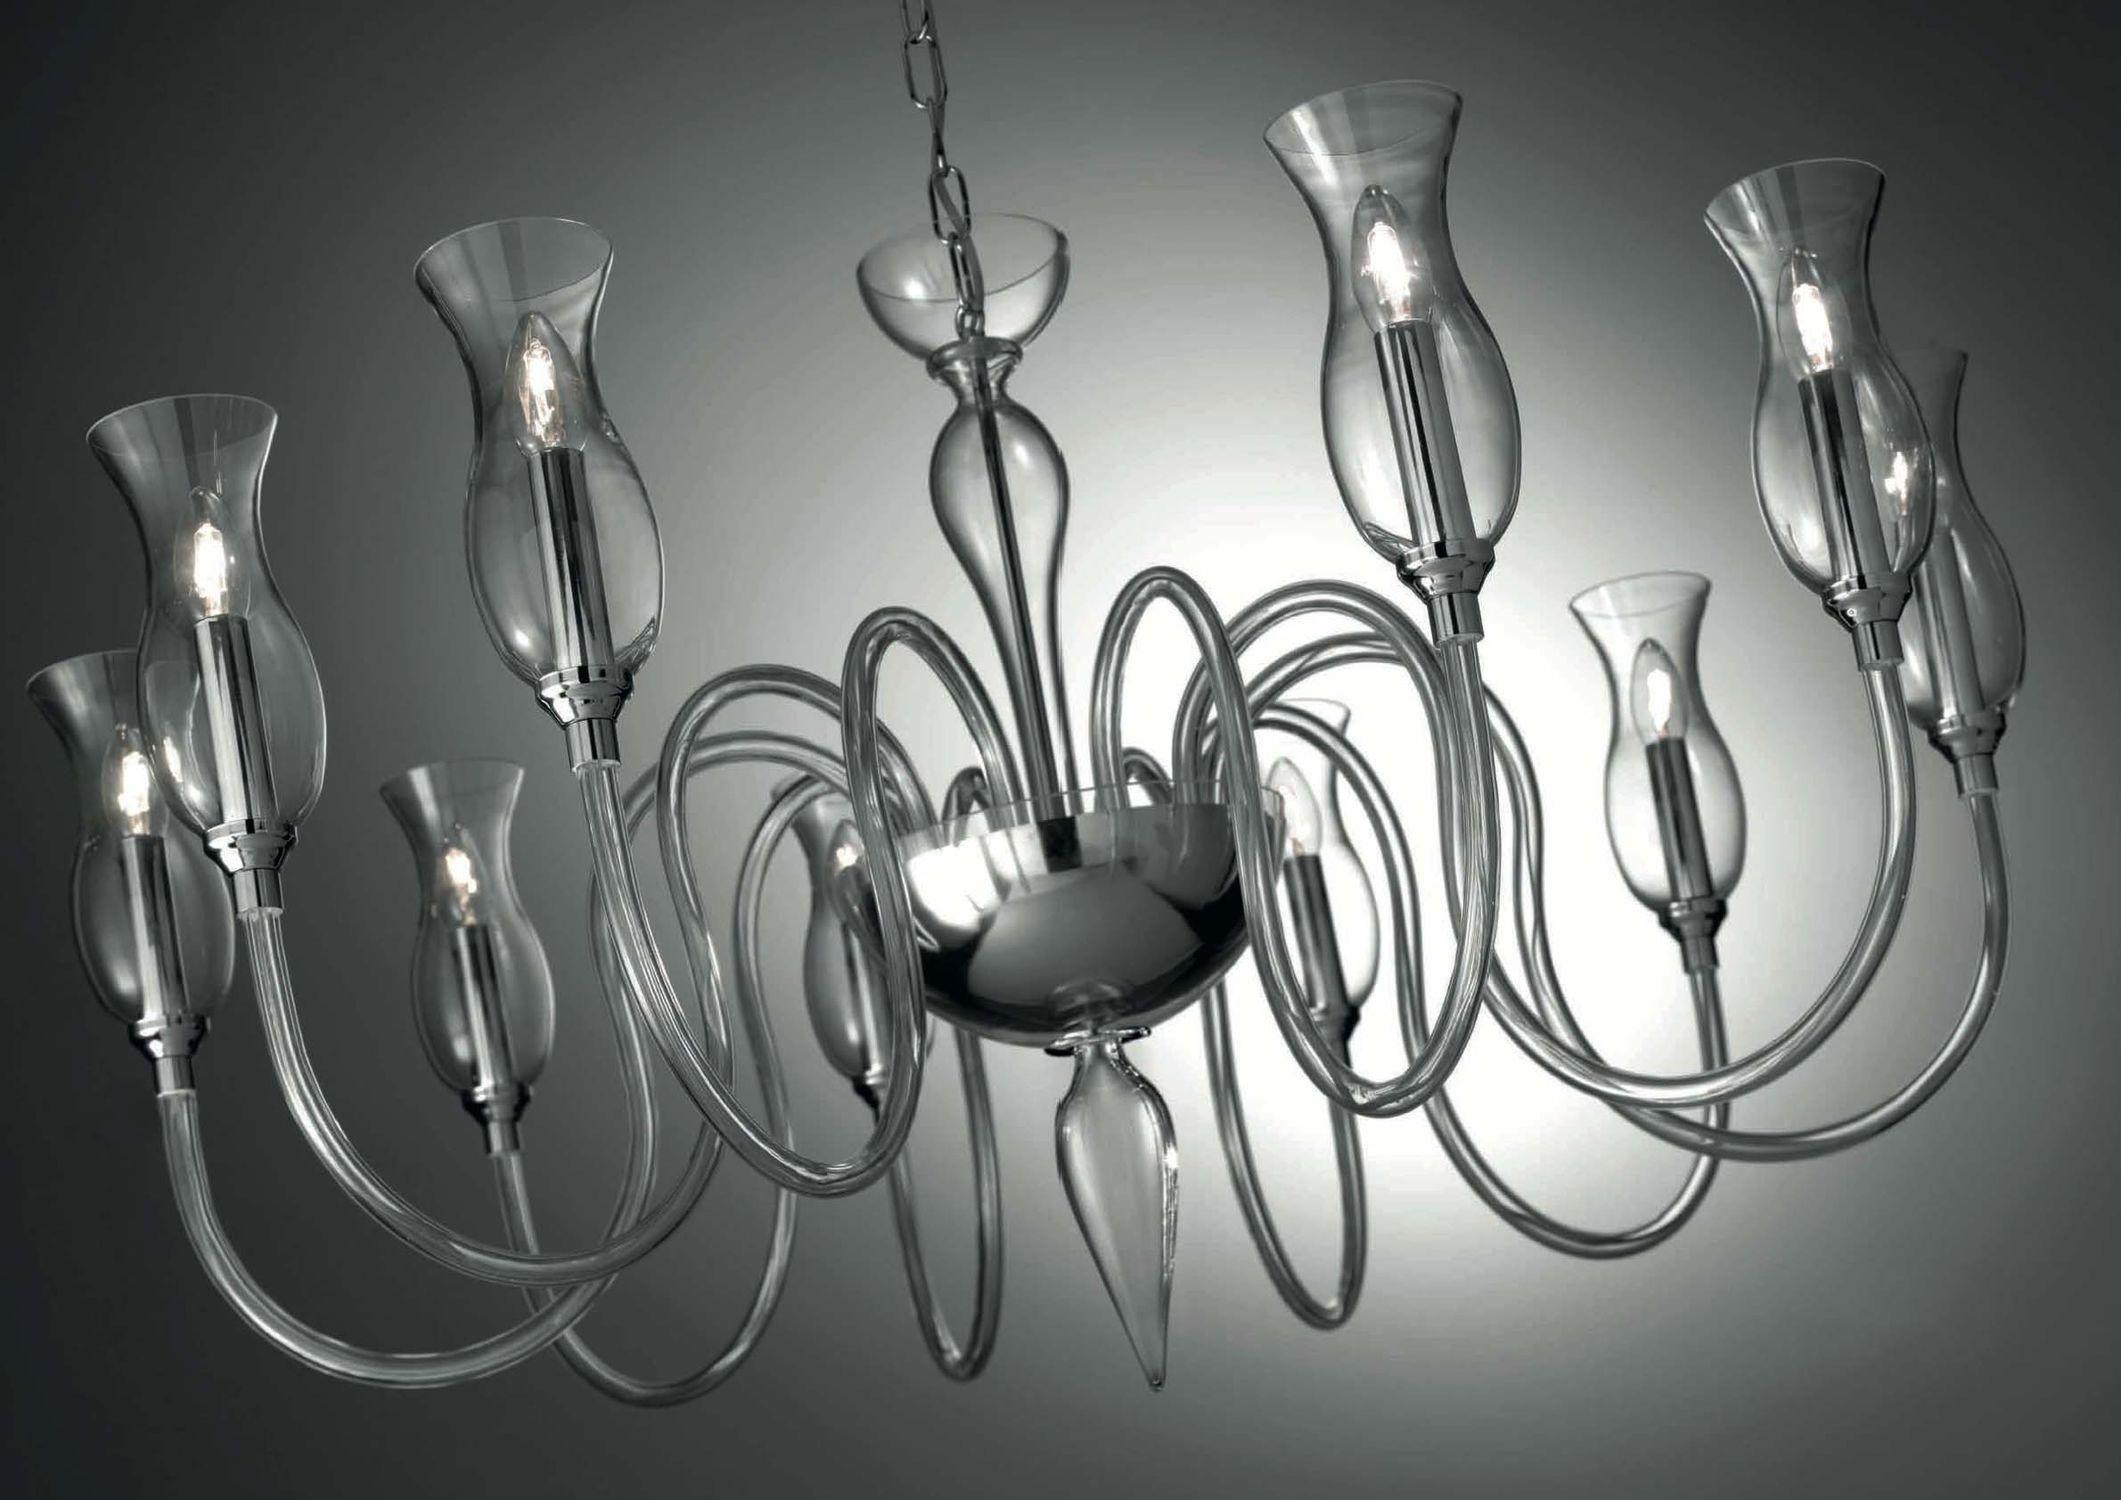 Lampade In Vetro Di Murano Moderne : Lampadario classico in vetro soffiato in vetro di murano a